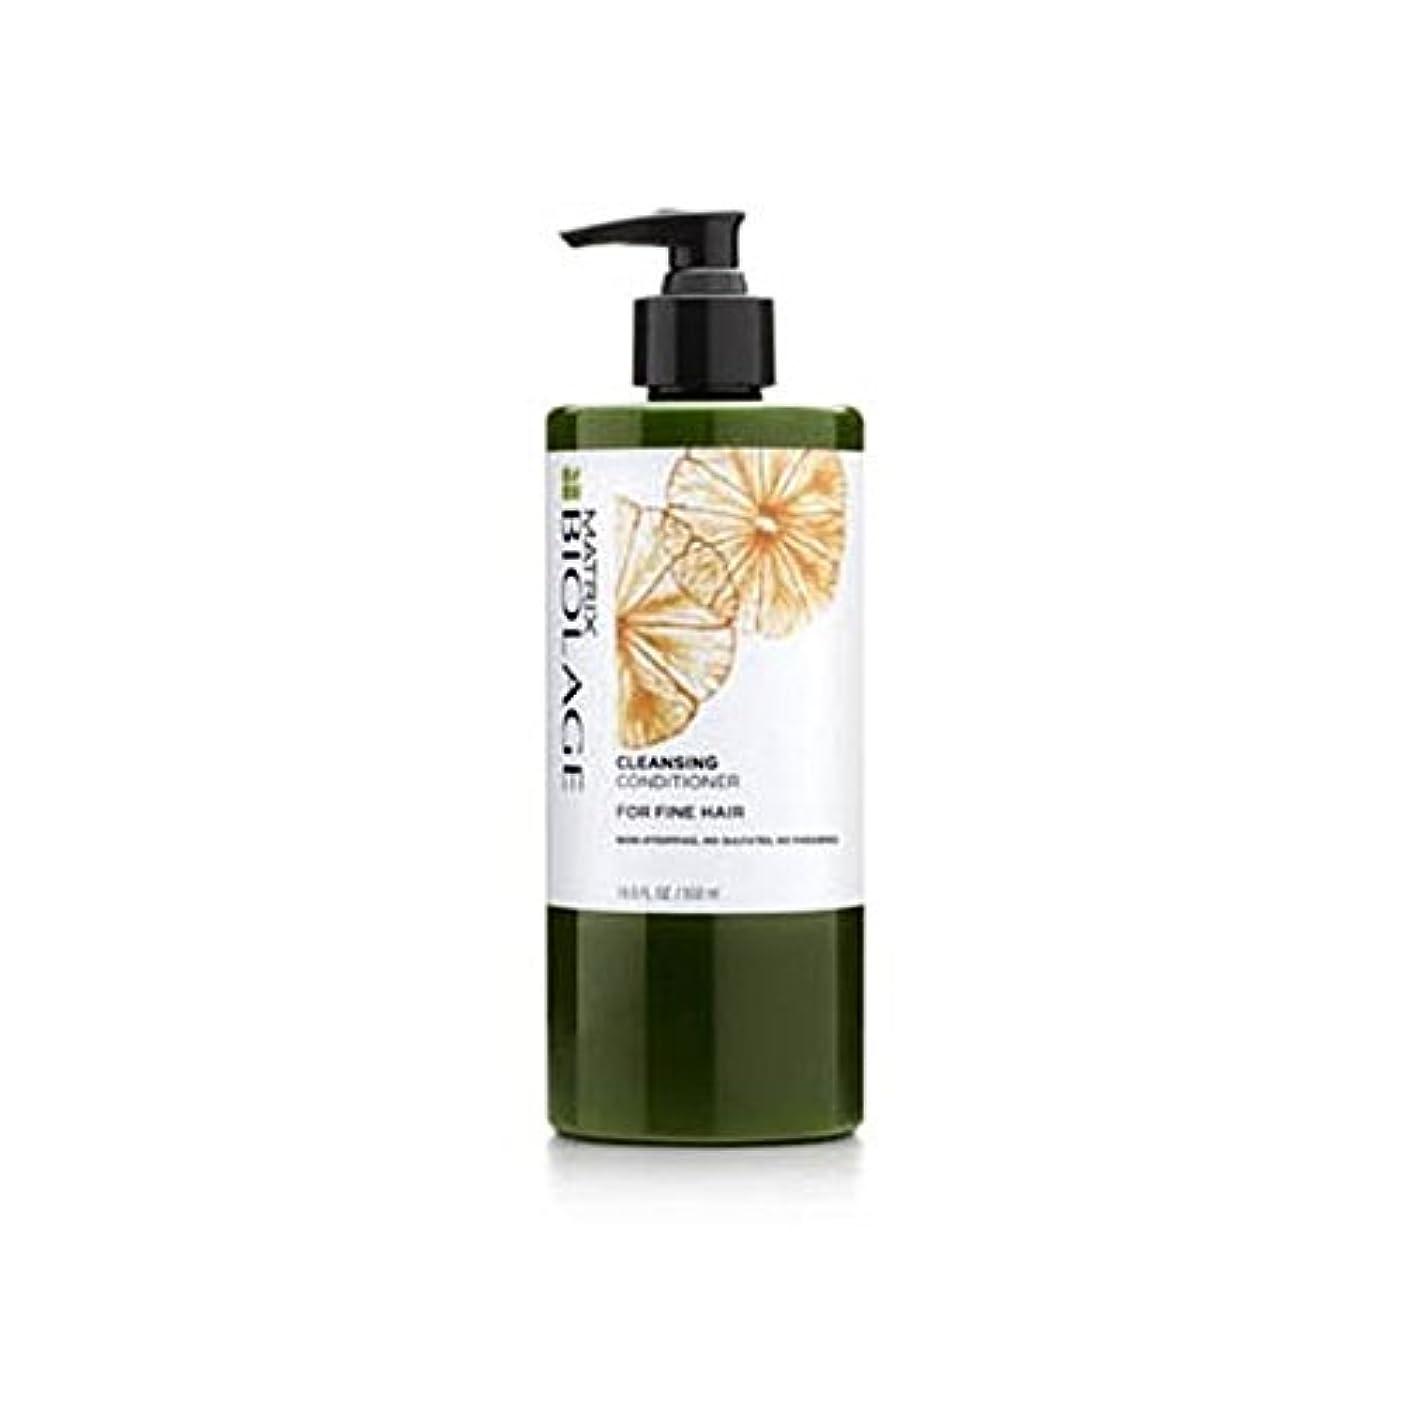 通路実験近代化マトリックスバイオレイジクレンジングコンディショナー - 細い髪(500ミリリットル) x2 - Matrix Biolage Cleansing Conditioner - Fine Hair (500ml) (Pack...